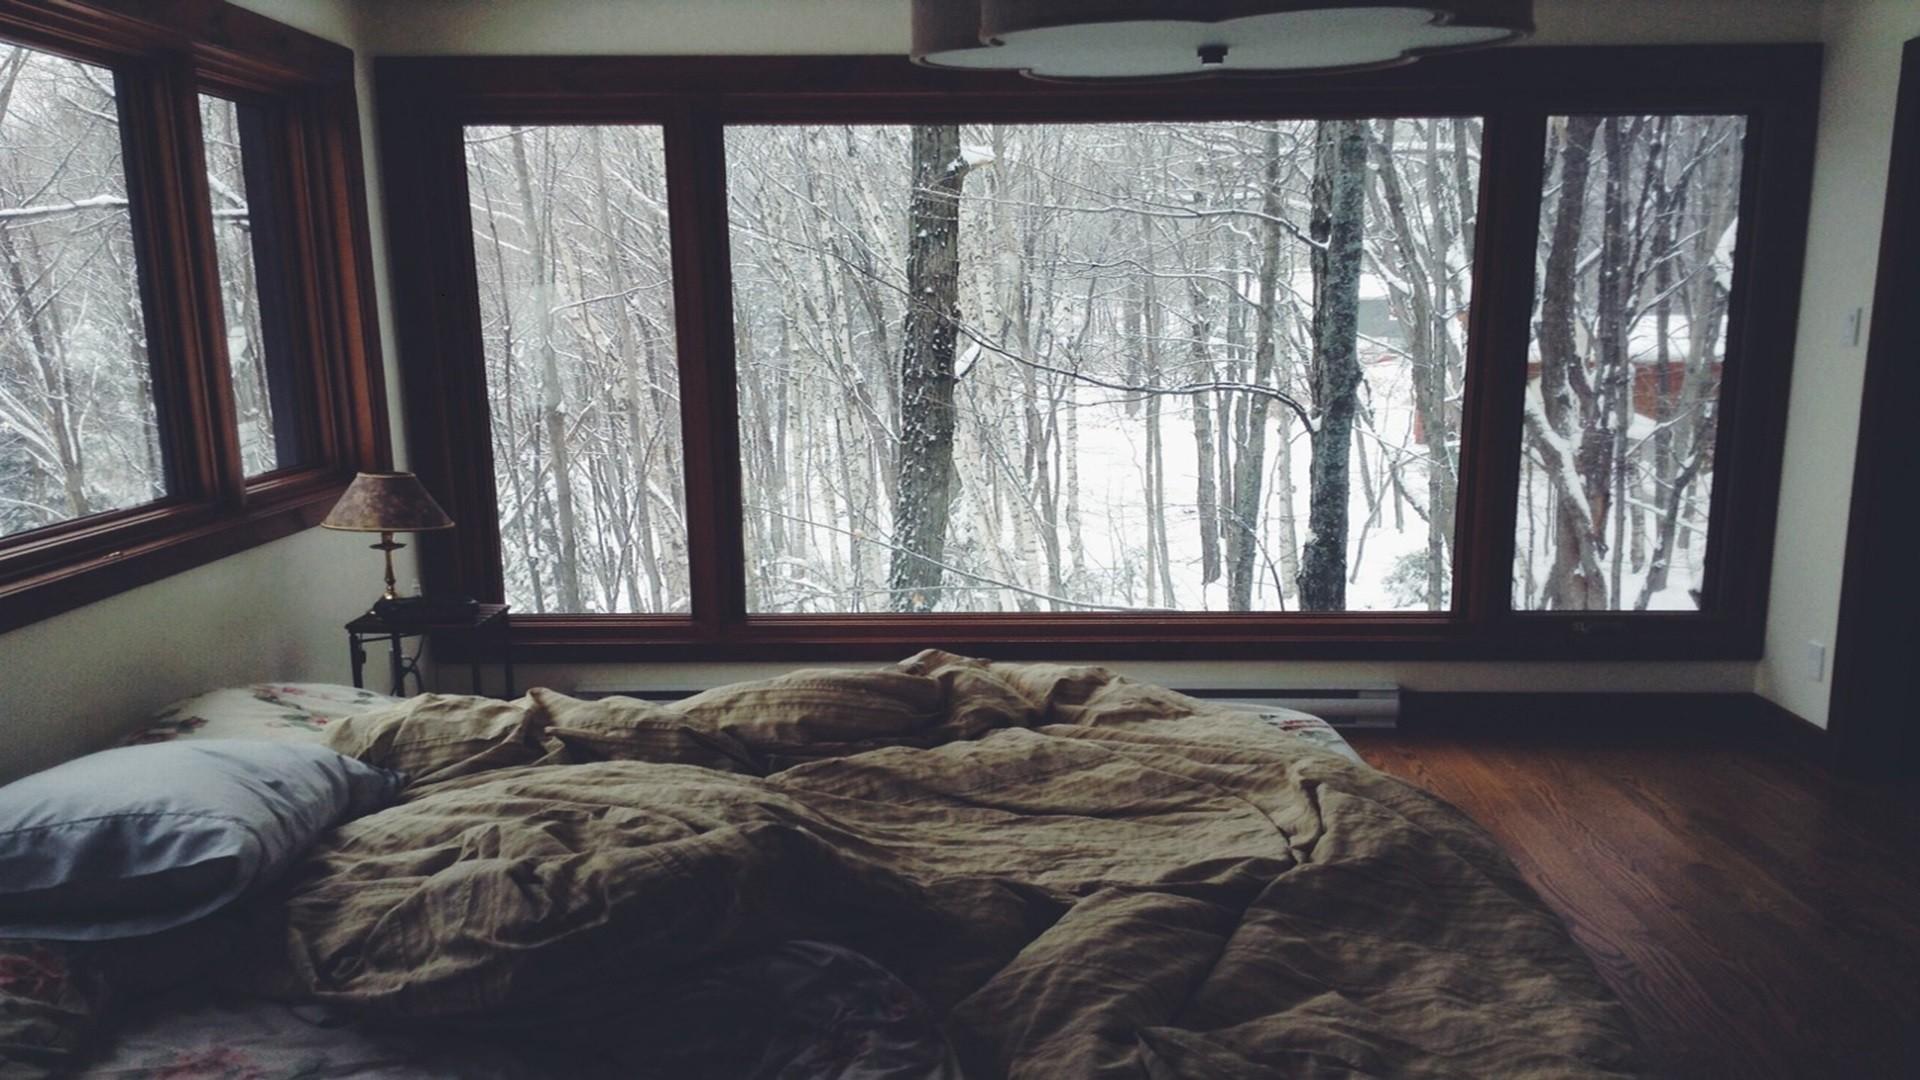 Sfondi : alberi, camera, la neve, inverno, legna, casa, tenda ...